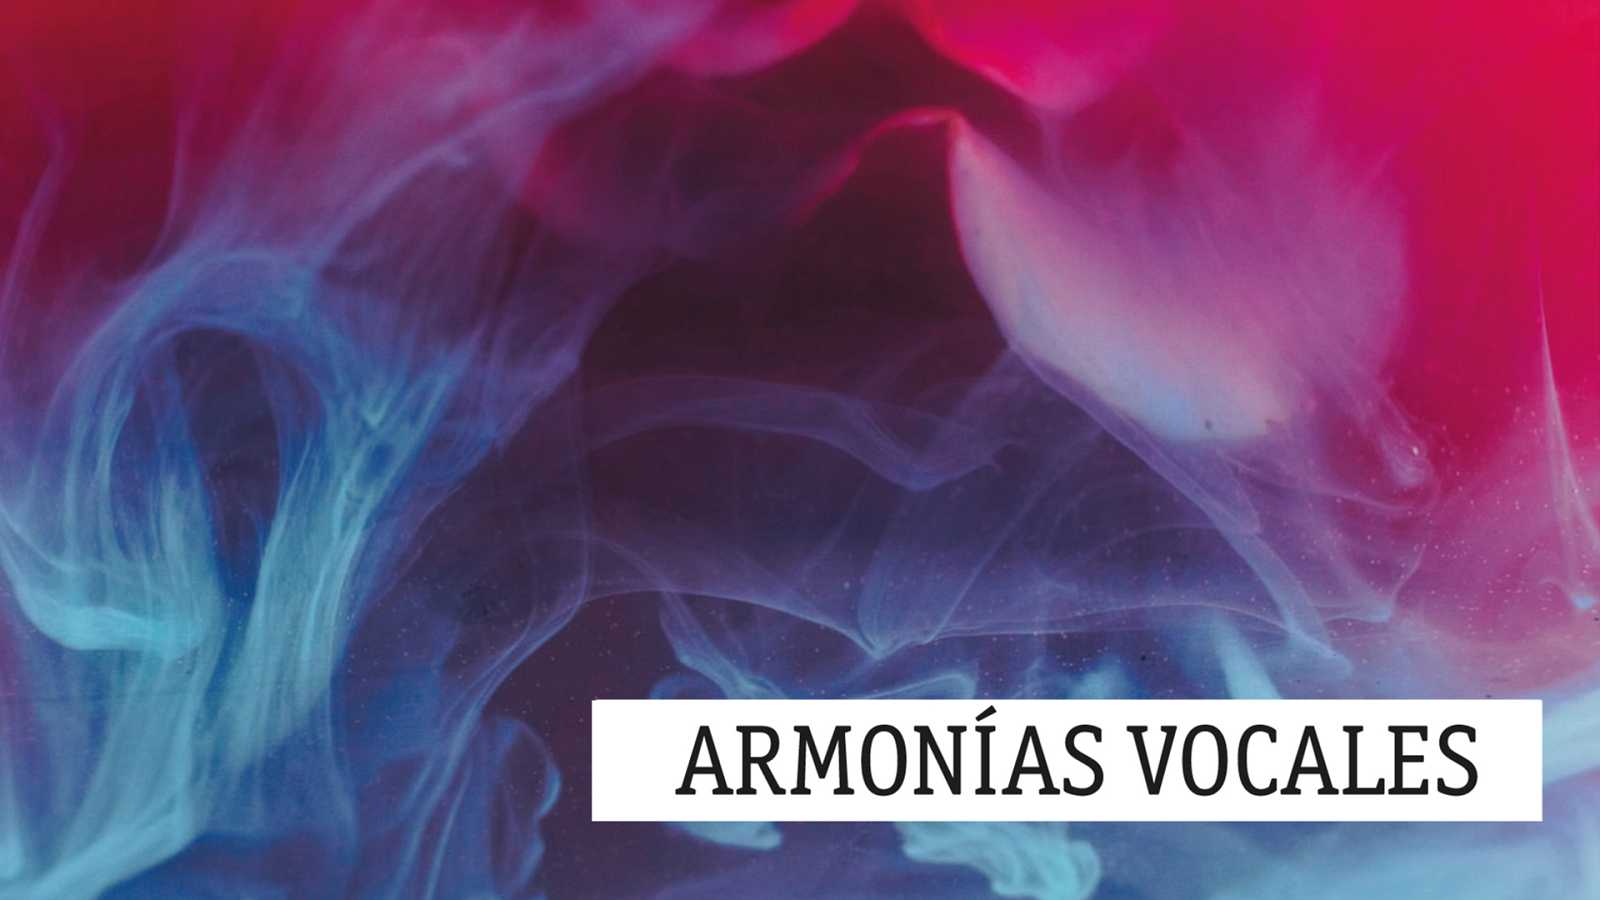 Armonías vocales - conjunto vocal británico VOCES8 - 20/02/21 - escuchar ahora